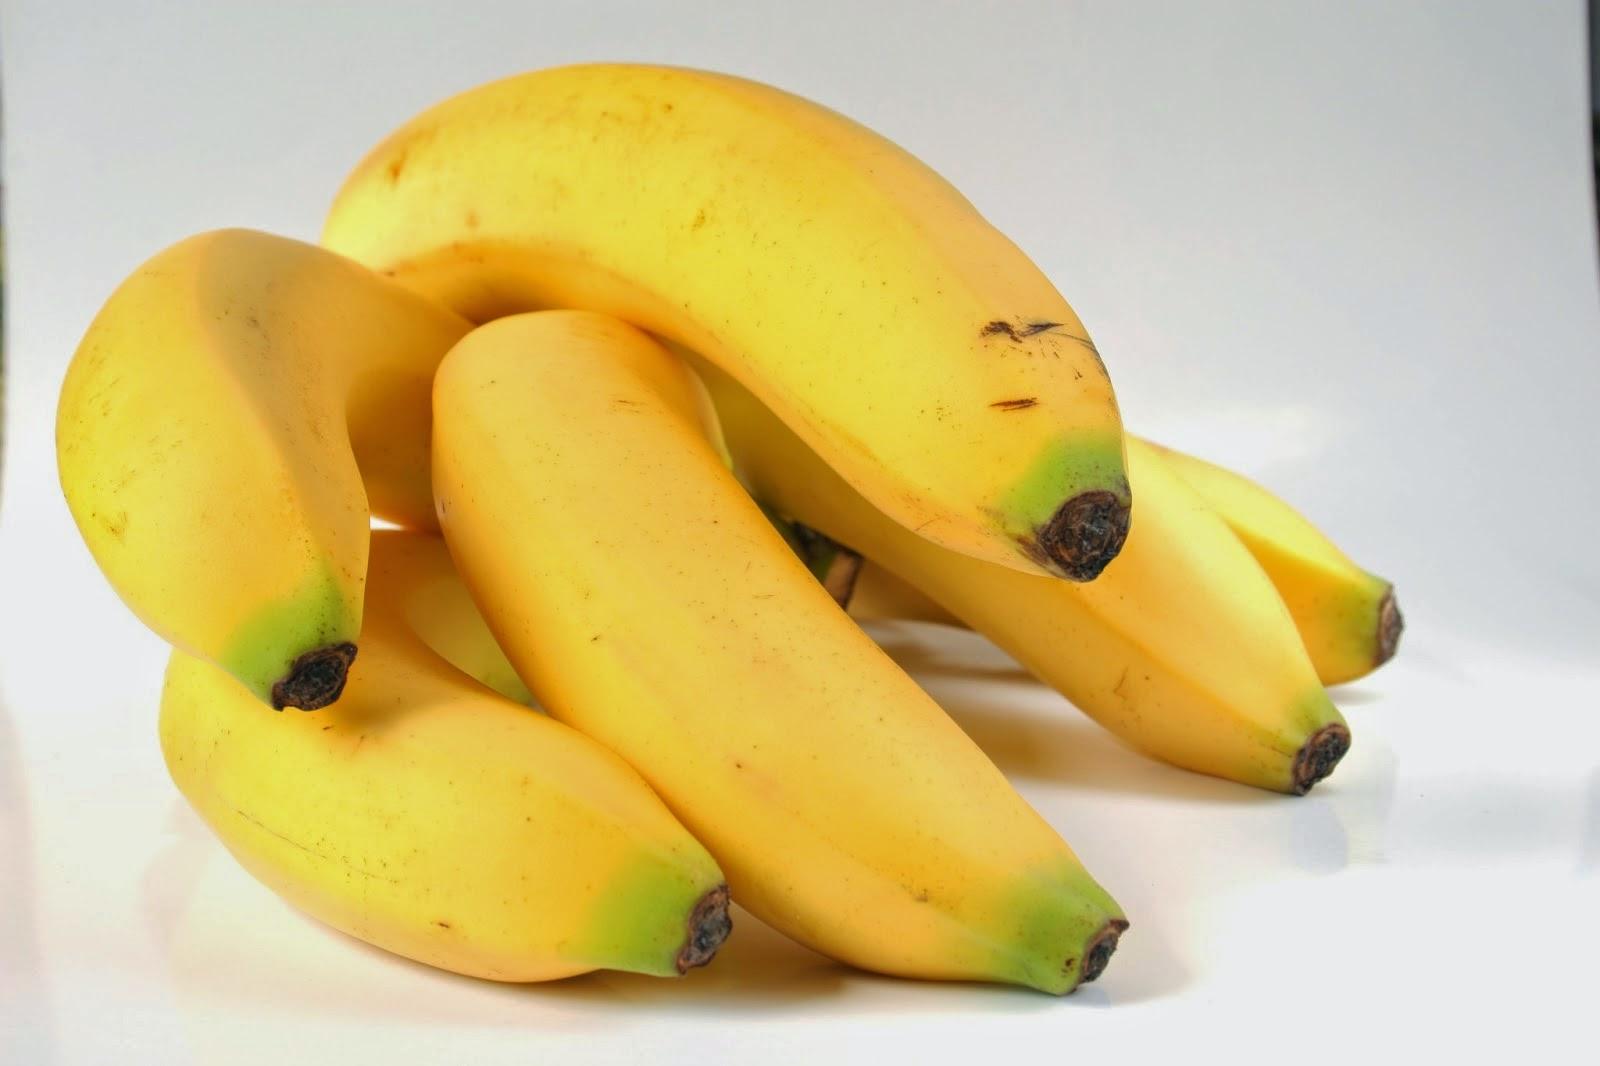 banano para el estres